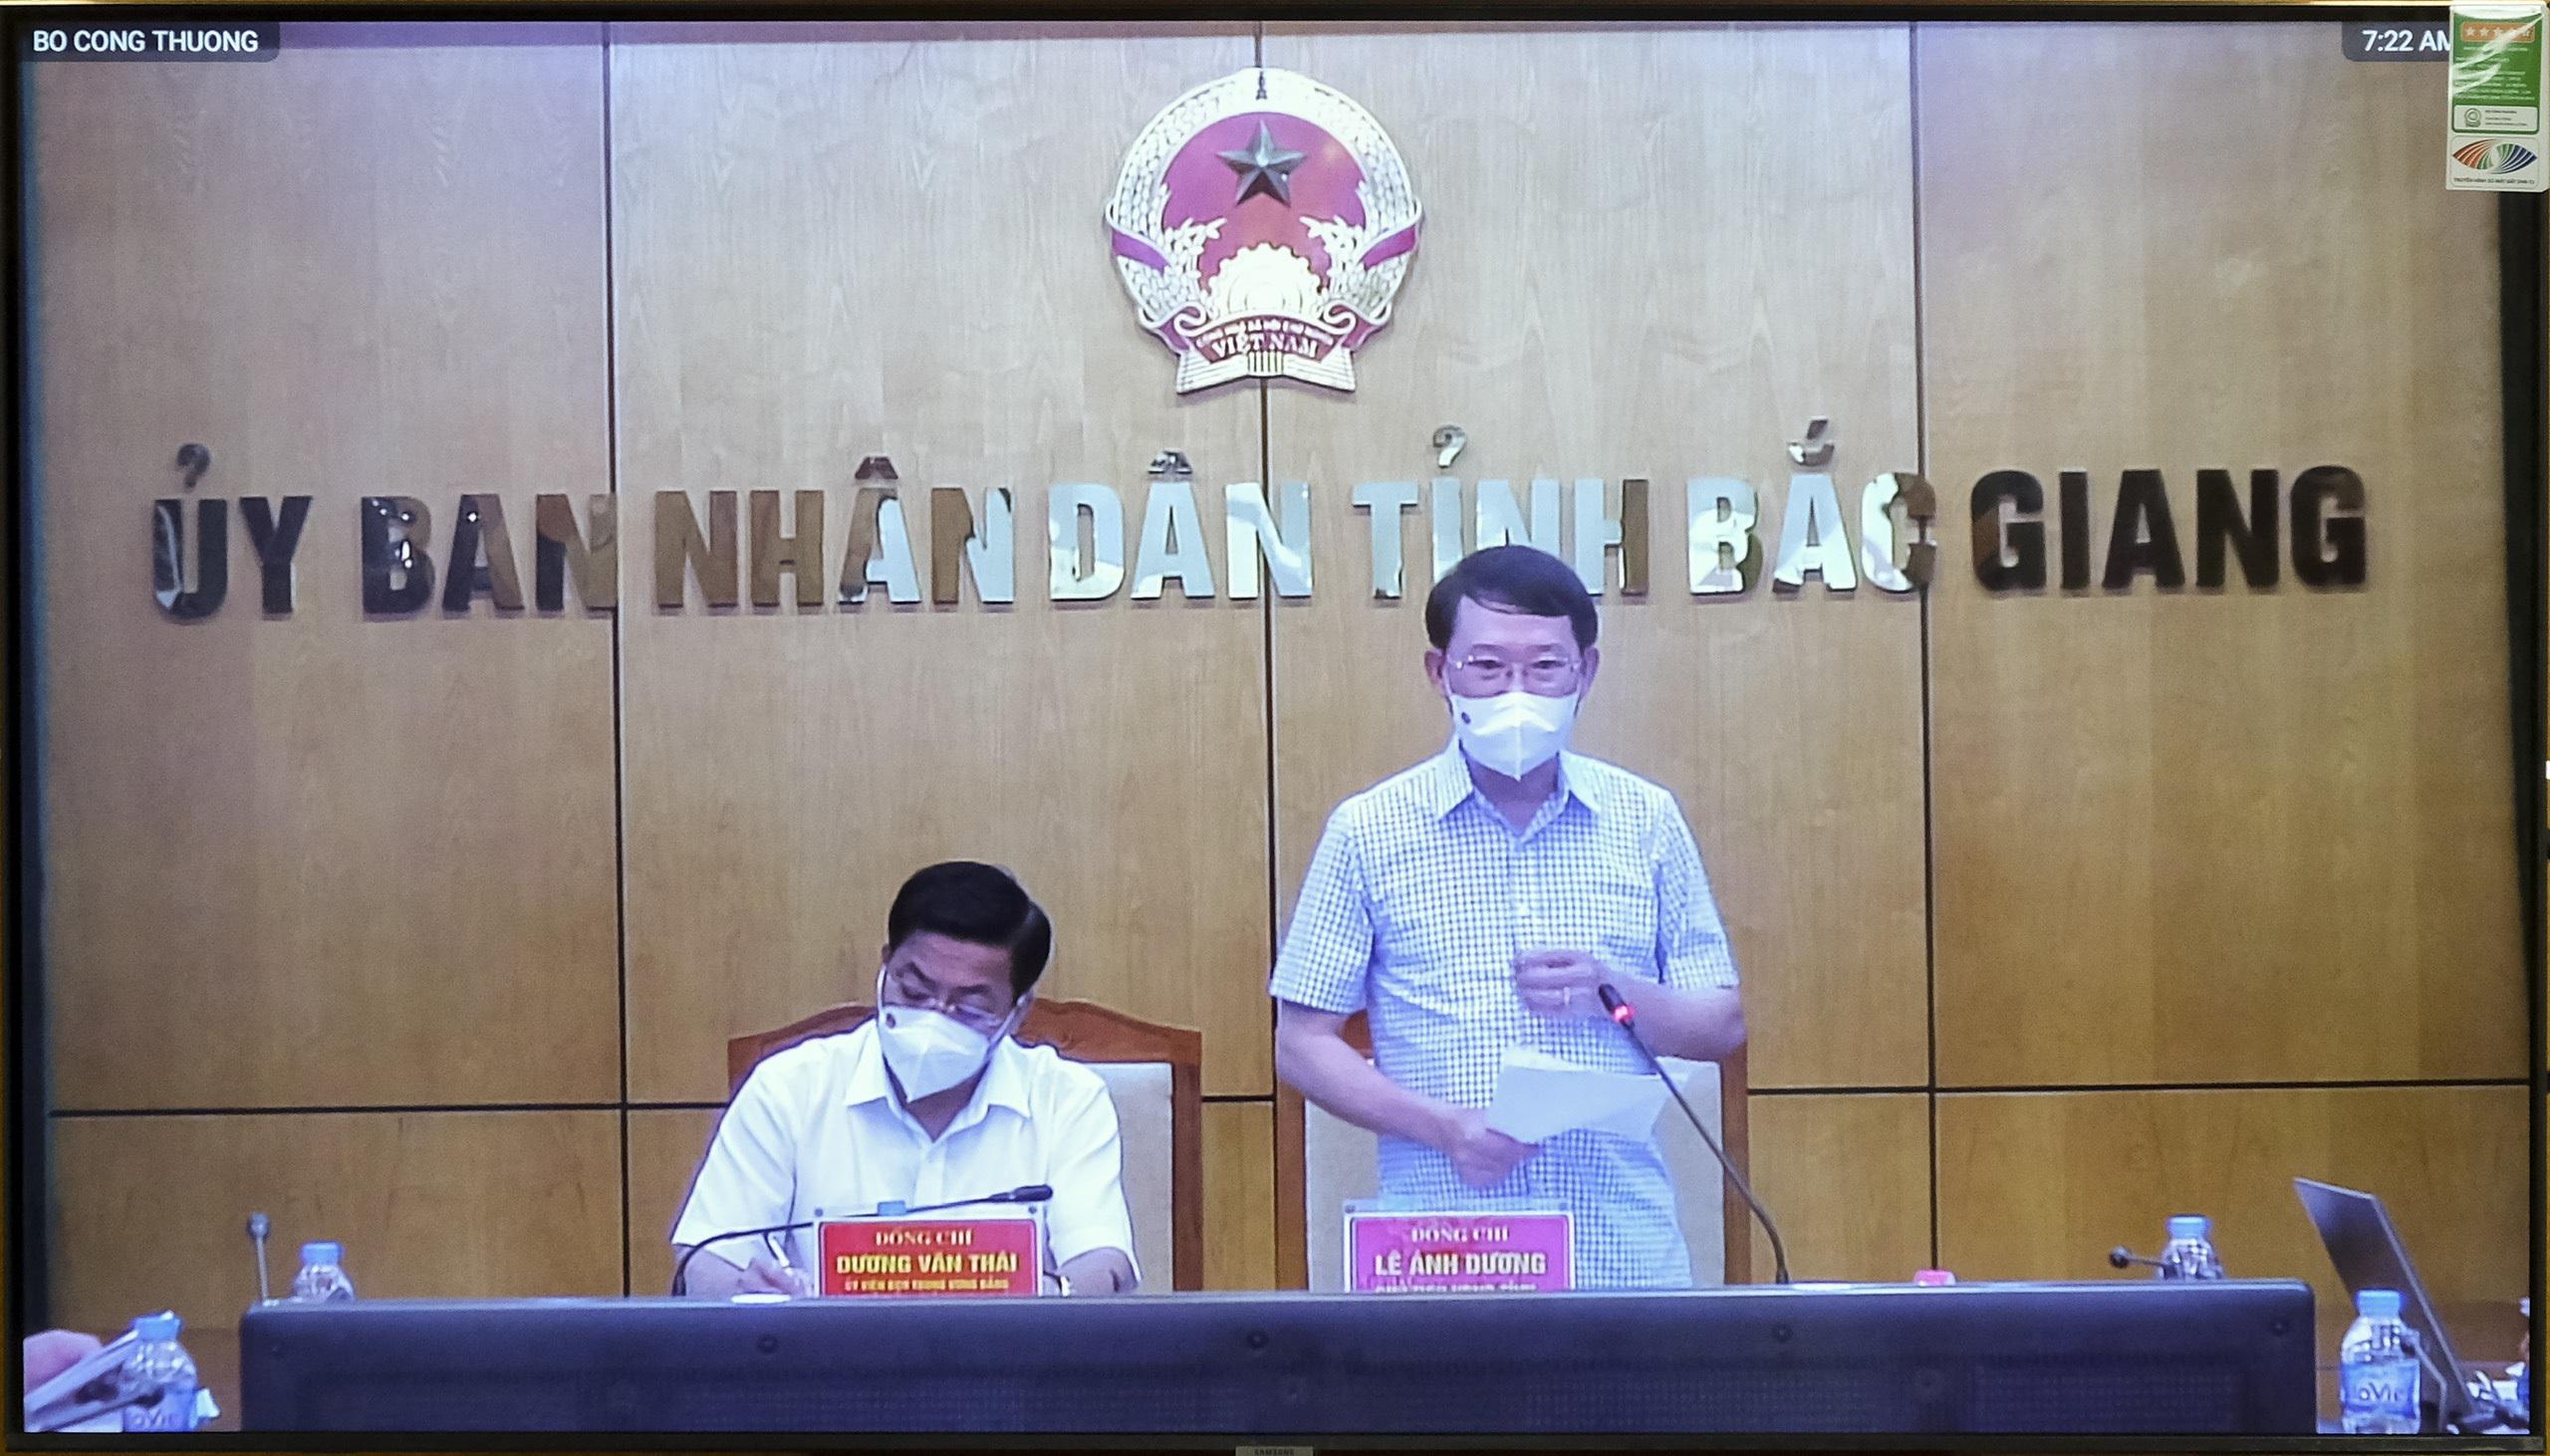 Chủ tịch Bắc Giang khẳng định vải thiều an toàn, người dân yên tâm sử dụng - Ảnh 1.